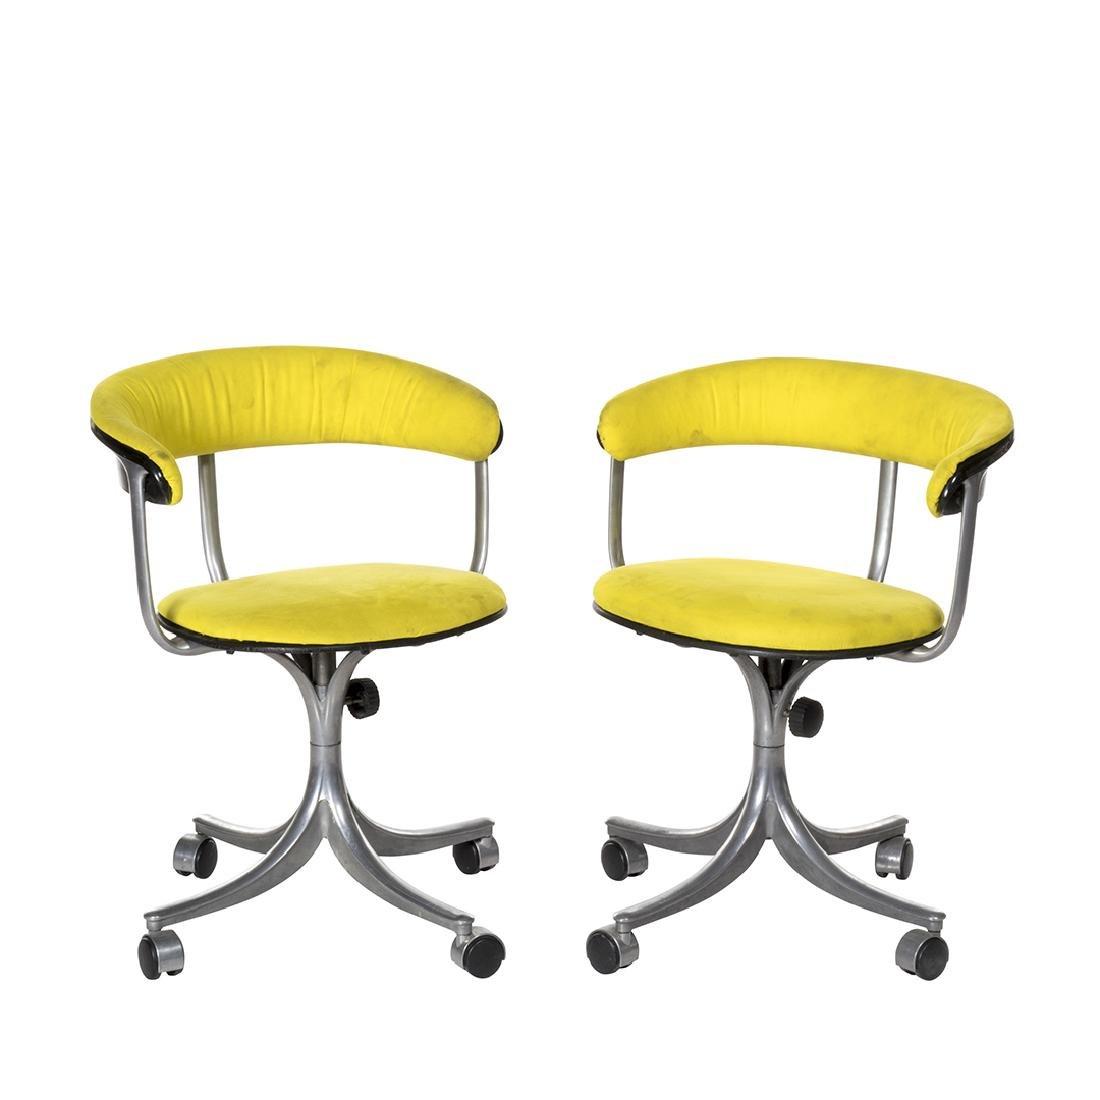 Jorgen Rasmussen Chairs (2)